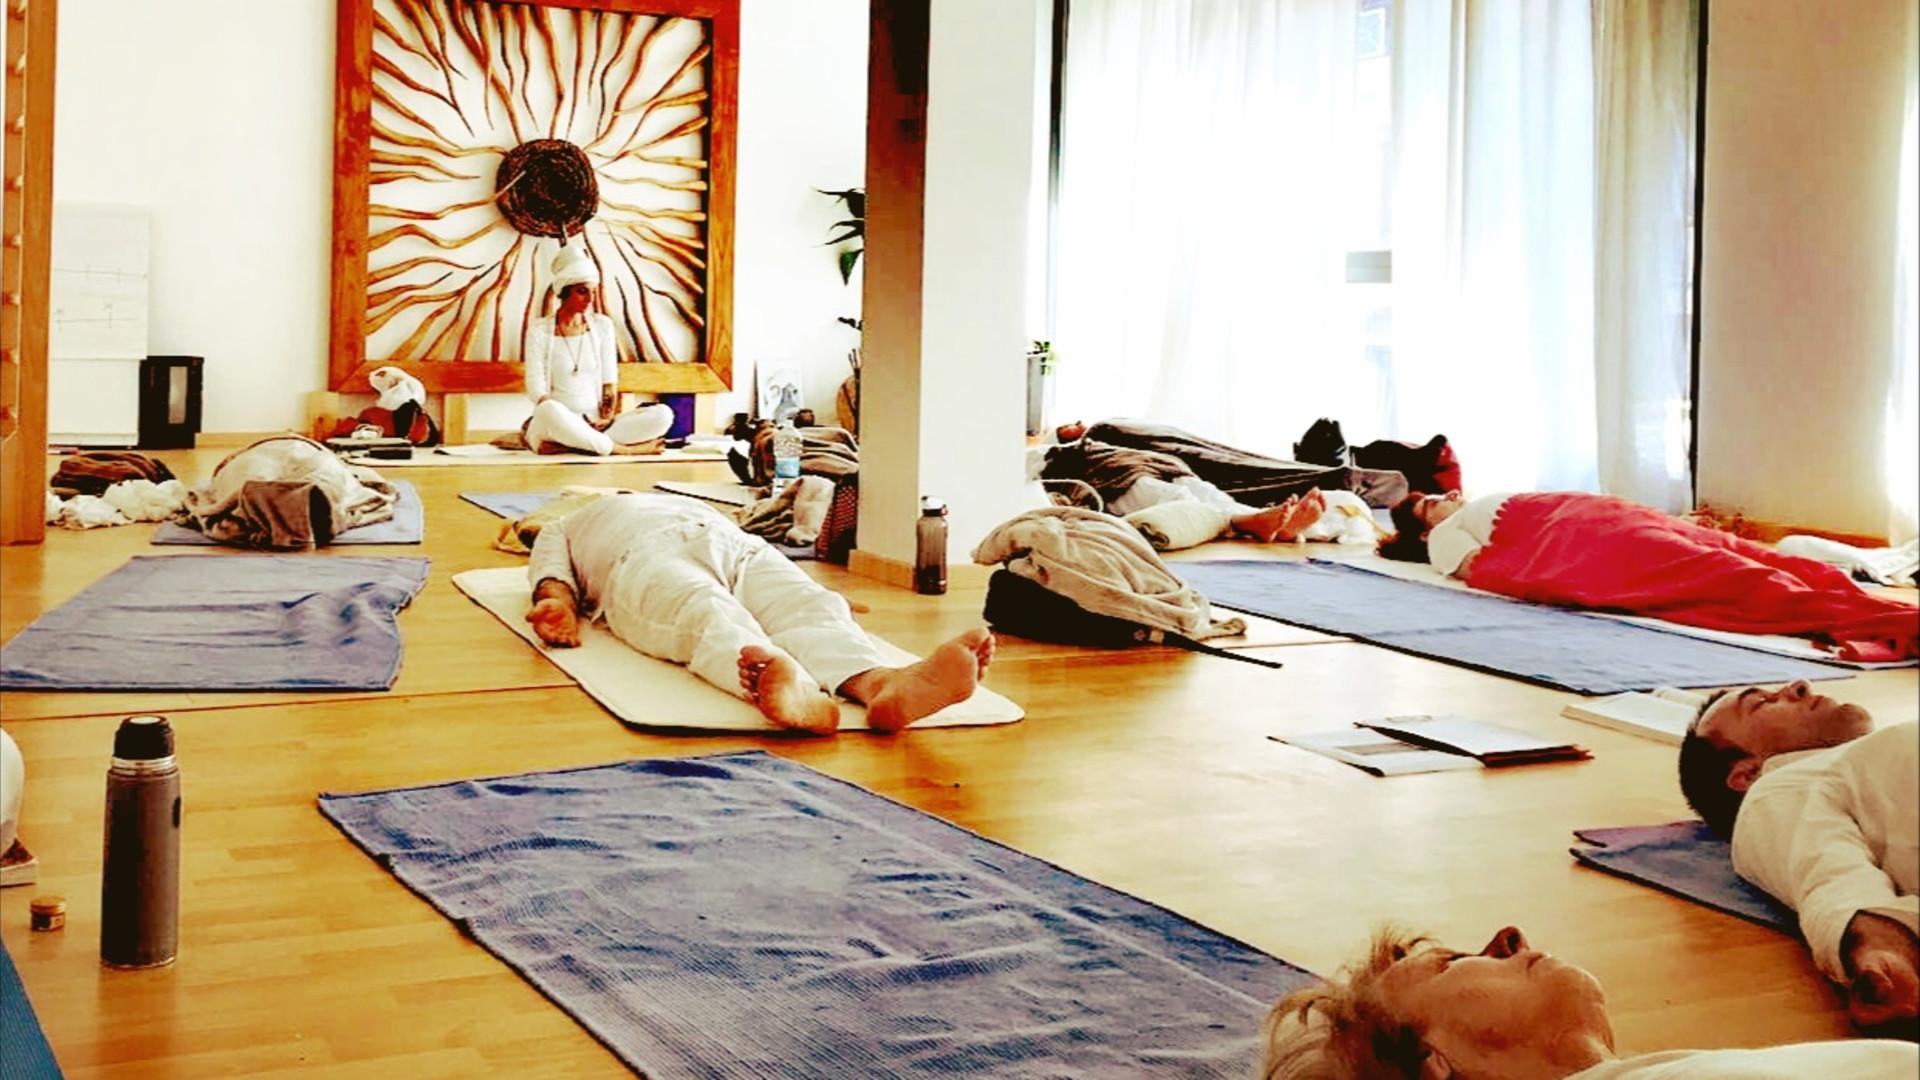 Centro Yoga Ram Dass Fiume orari